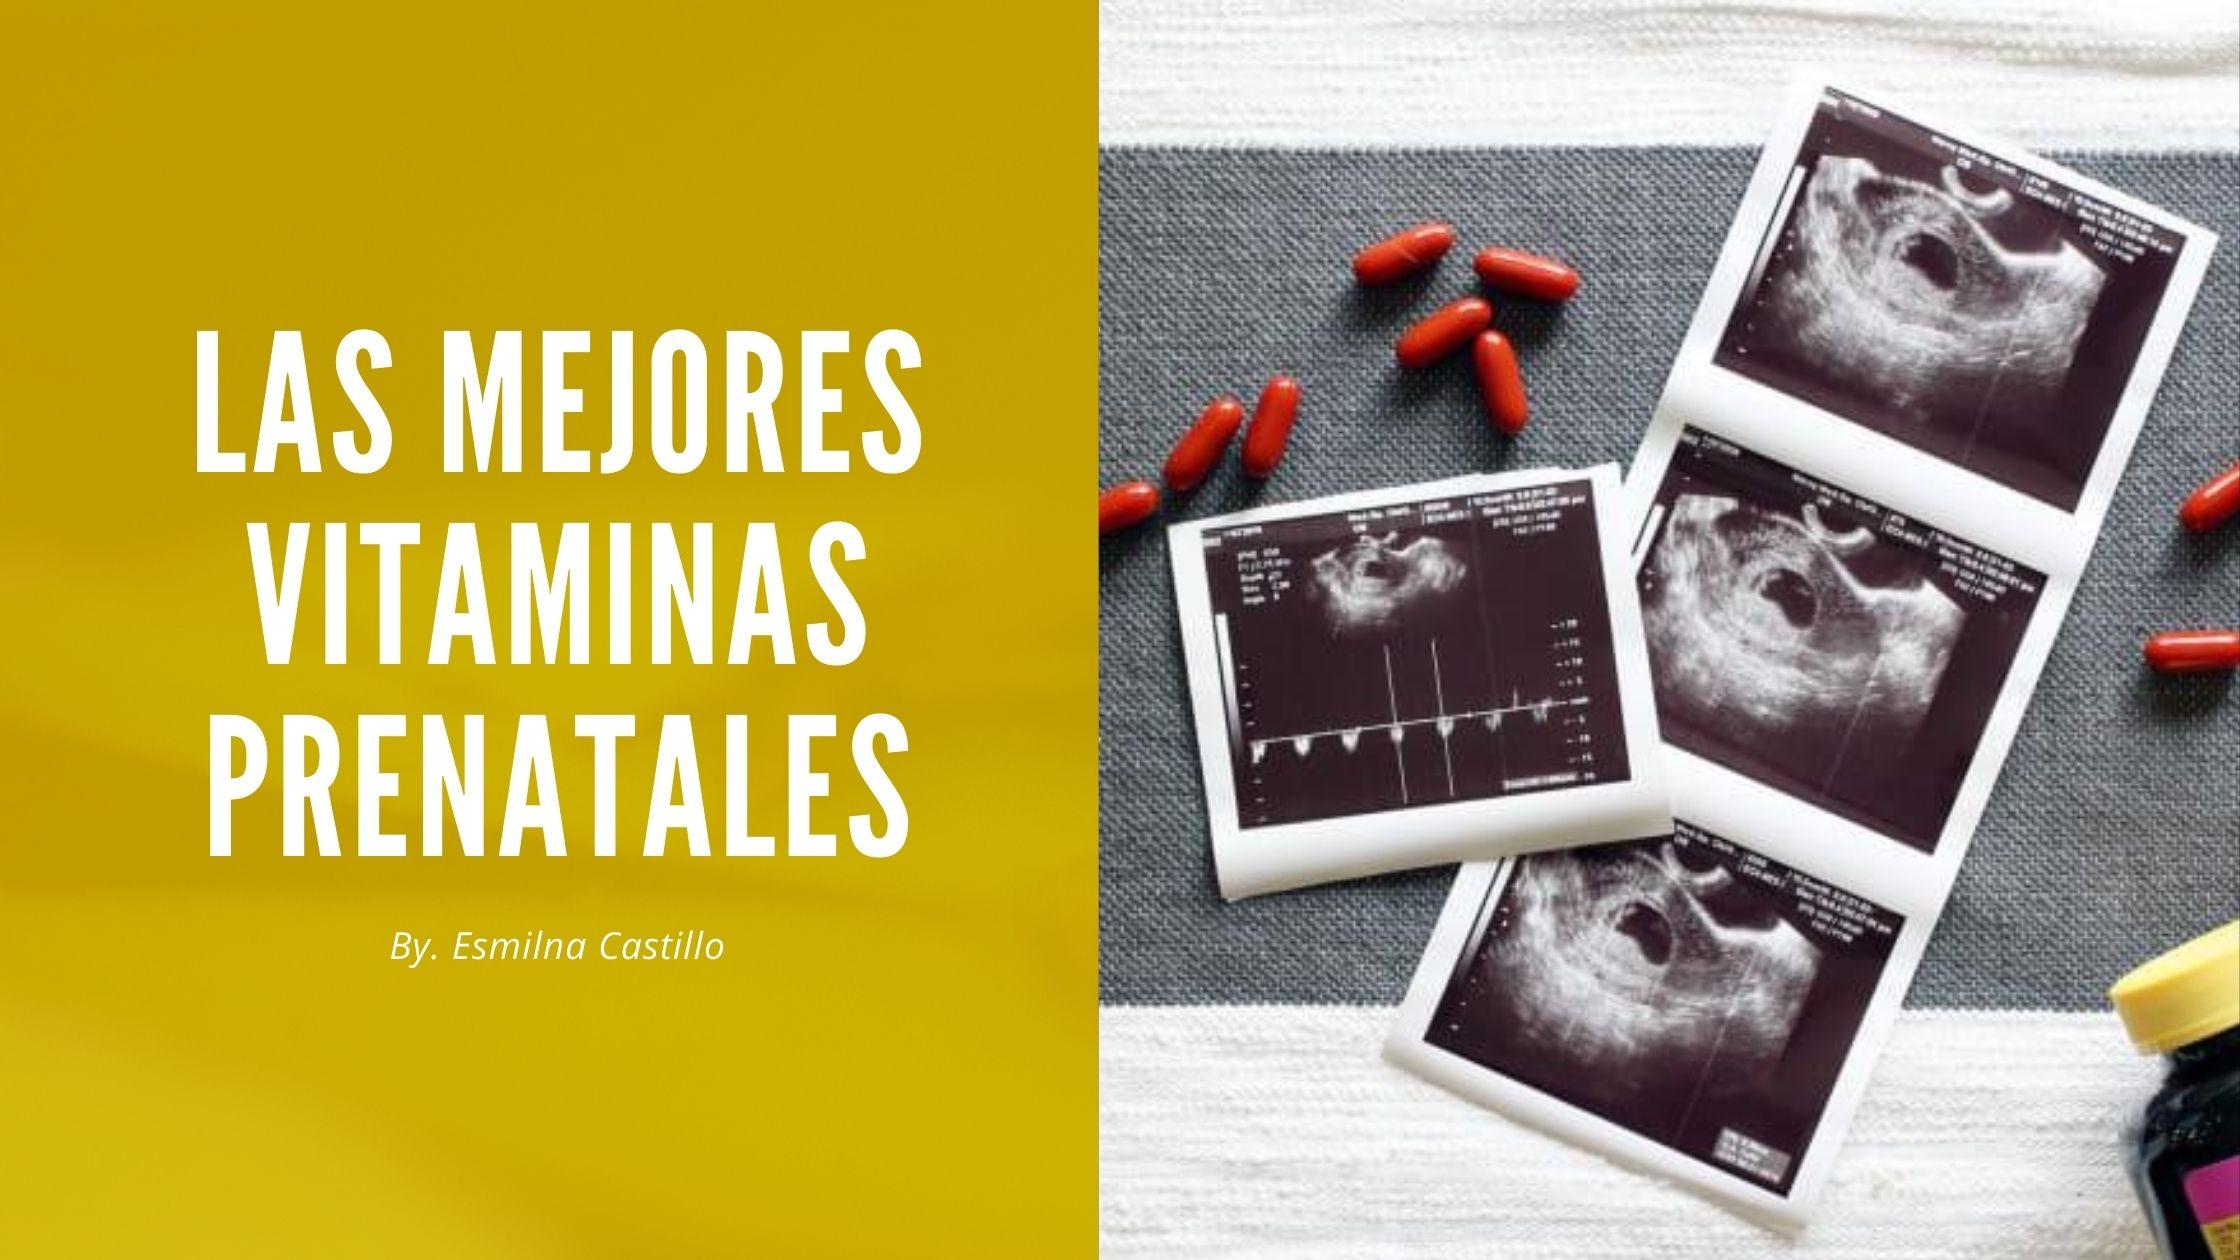 Las Mejores Vitaminas Prenatales